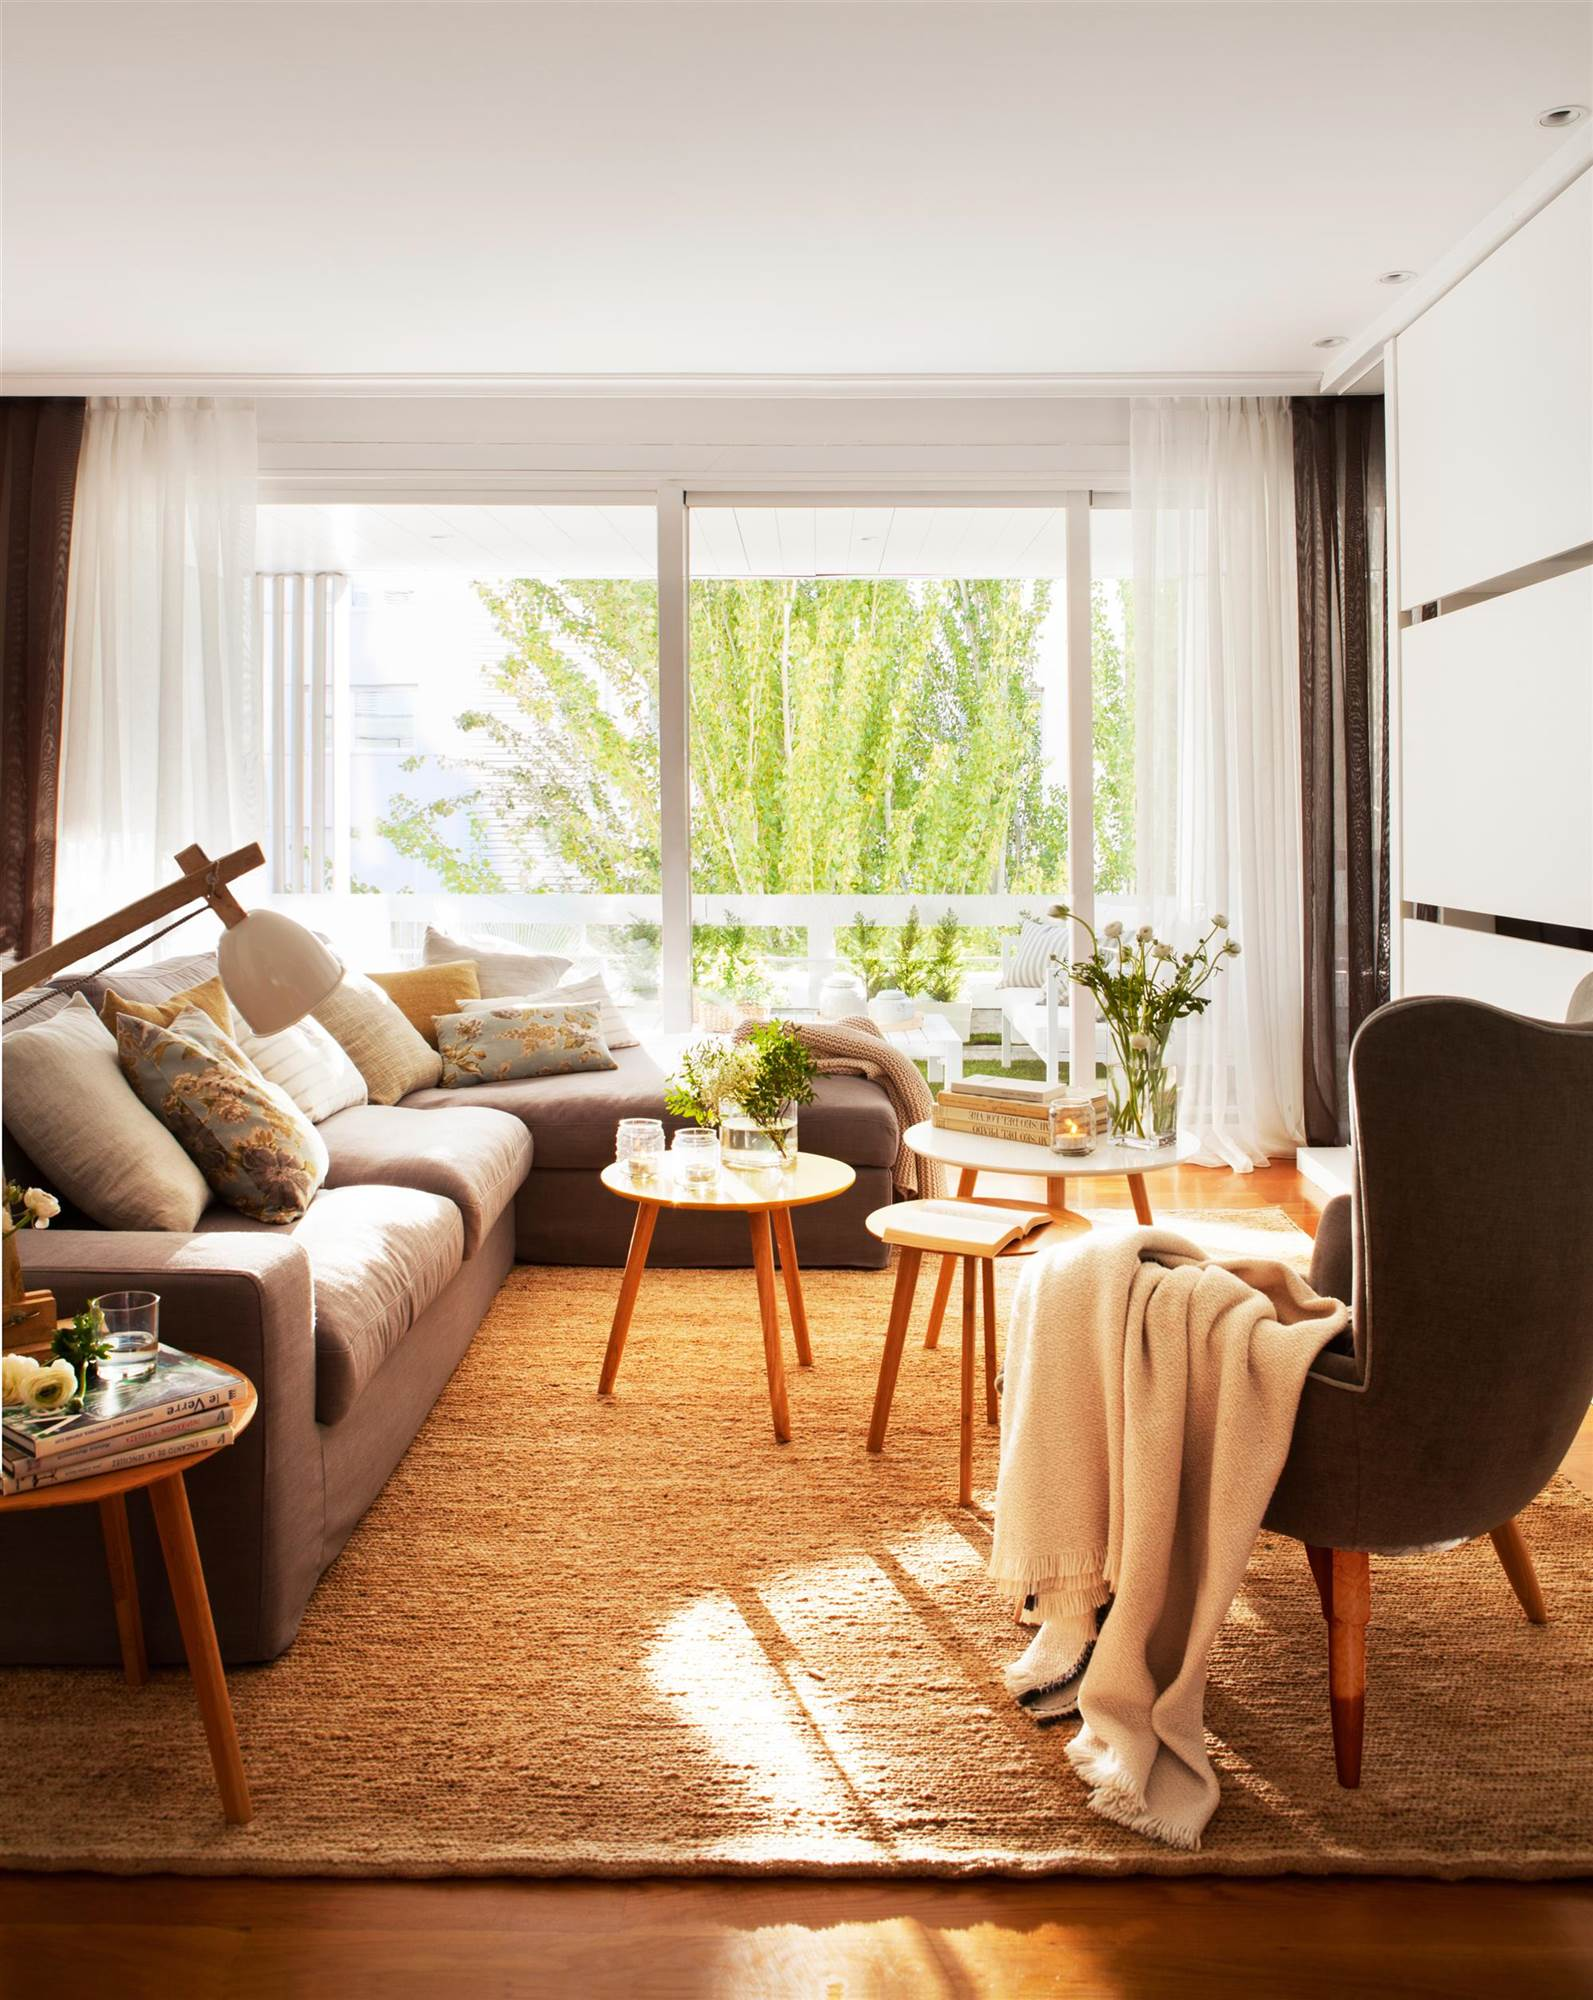 Chaises Longues De Dise O De El Mueble # Muebles Waldorf